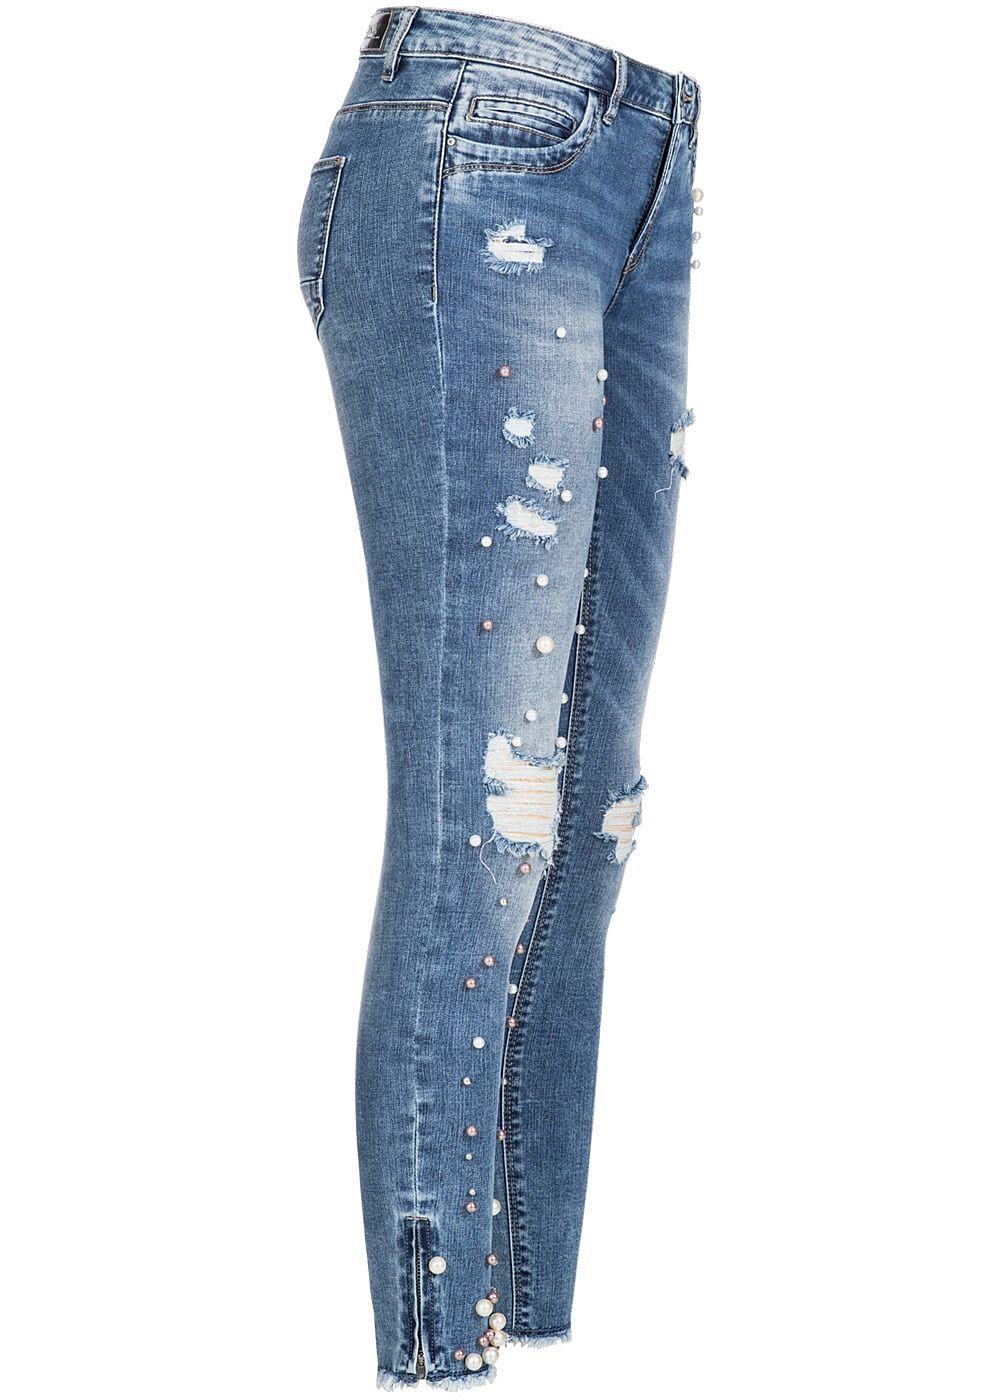 only damen skinny jeans hose deko perlen destroy look 5. Black Bedroom Furniture Sets. Home Design Ideas